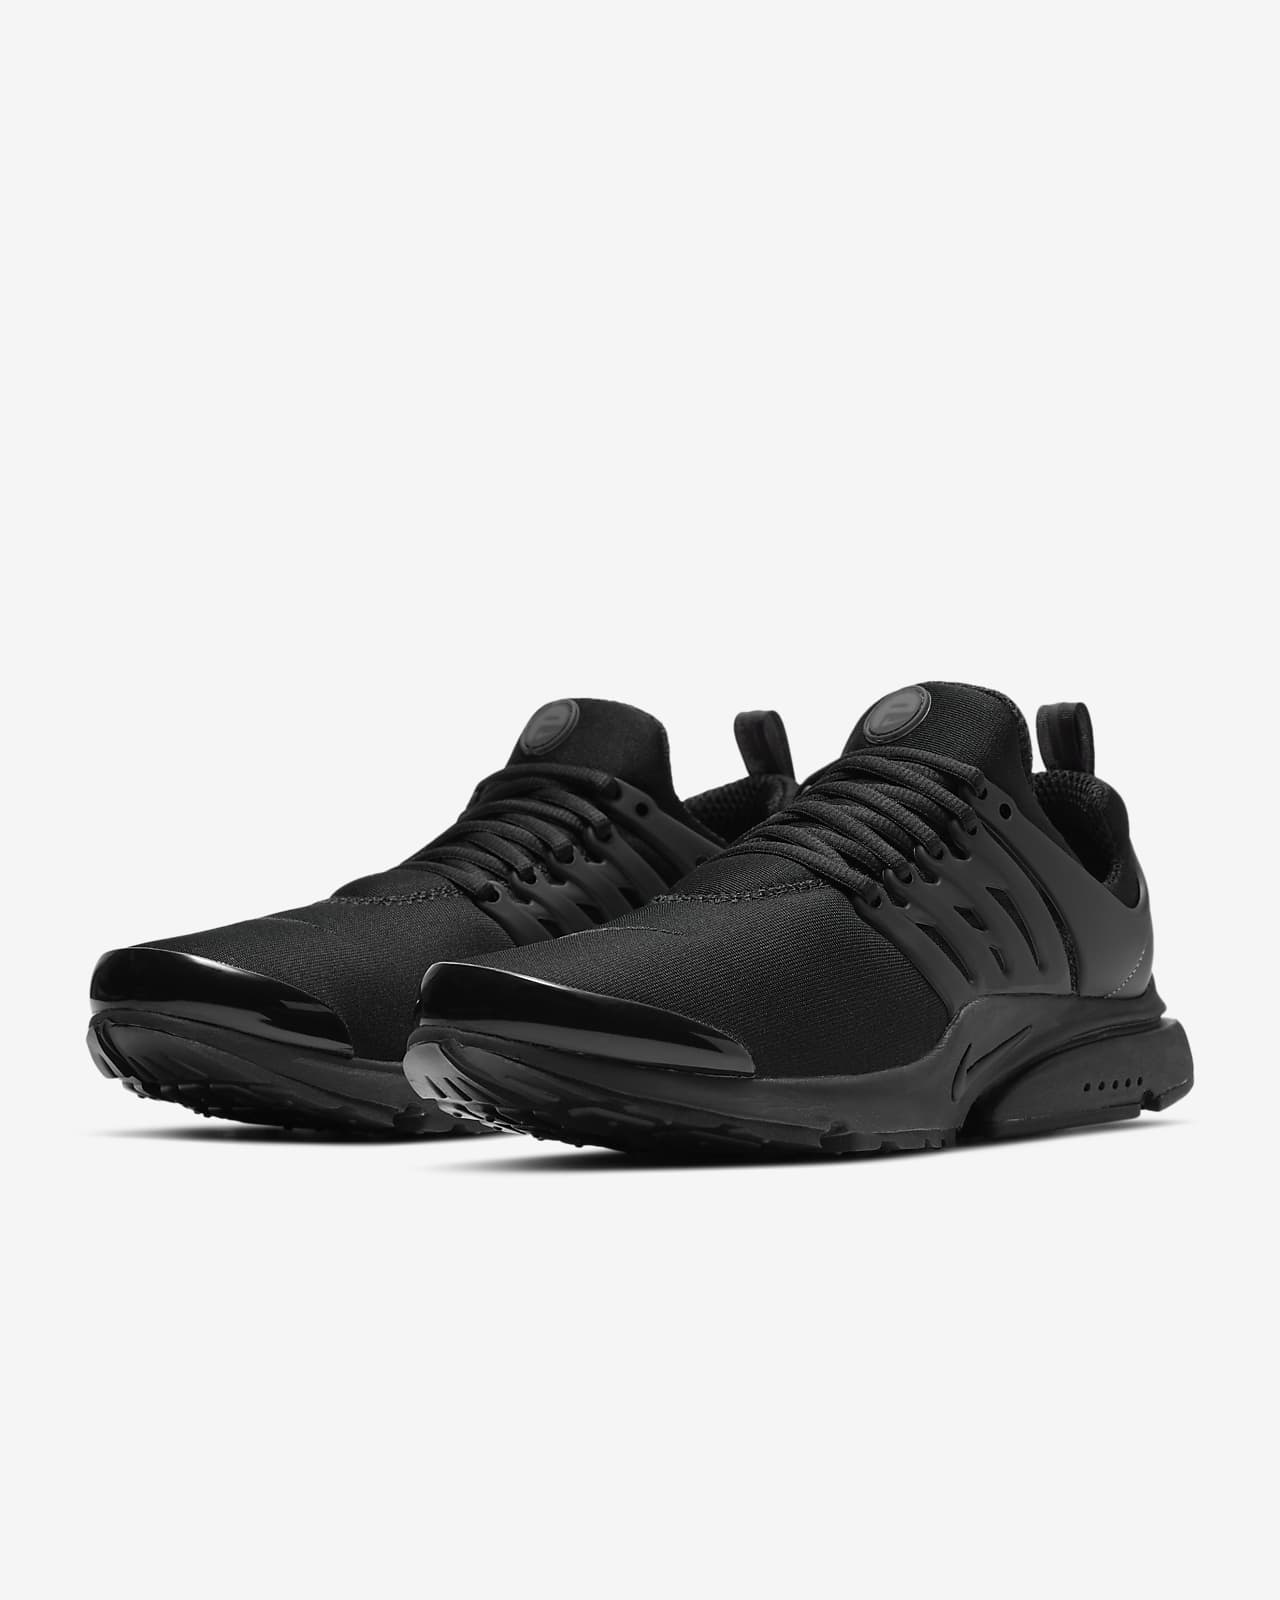 รองเท้าผู้ชาย Nike Air Presto